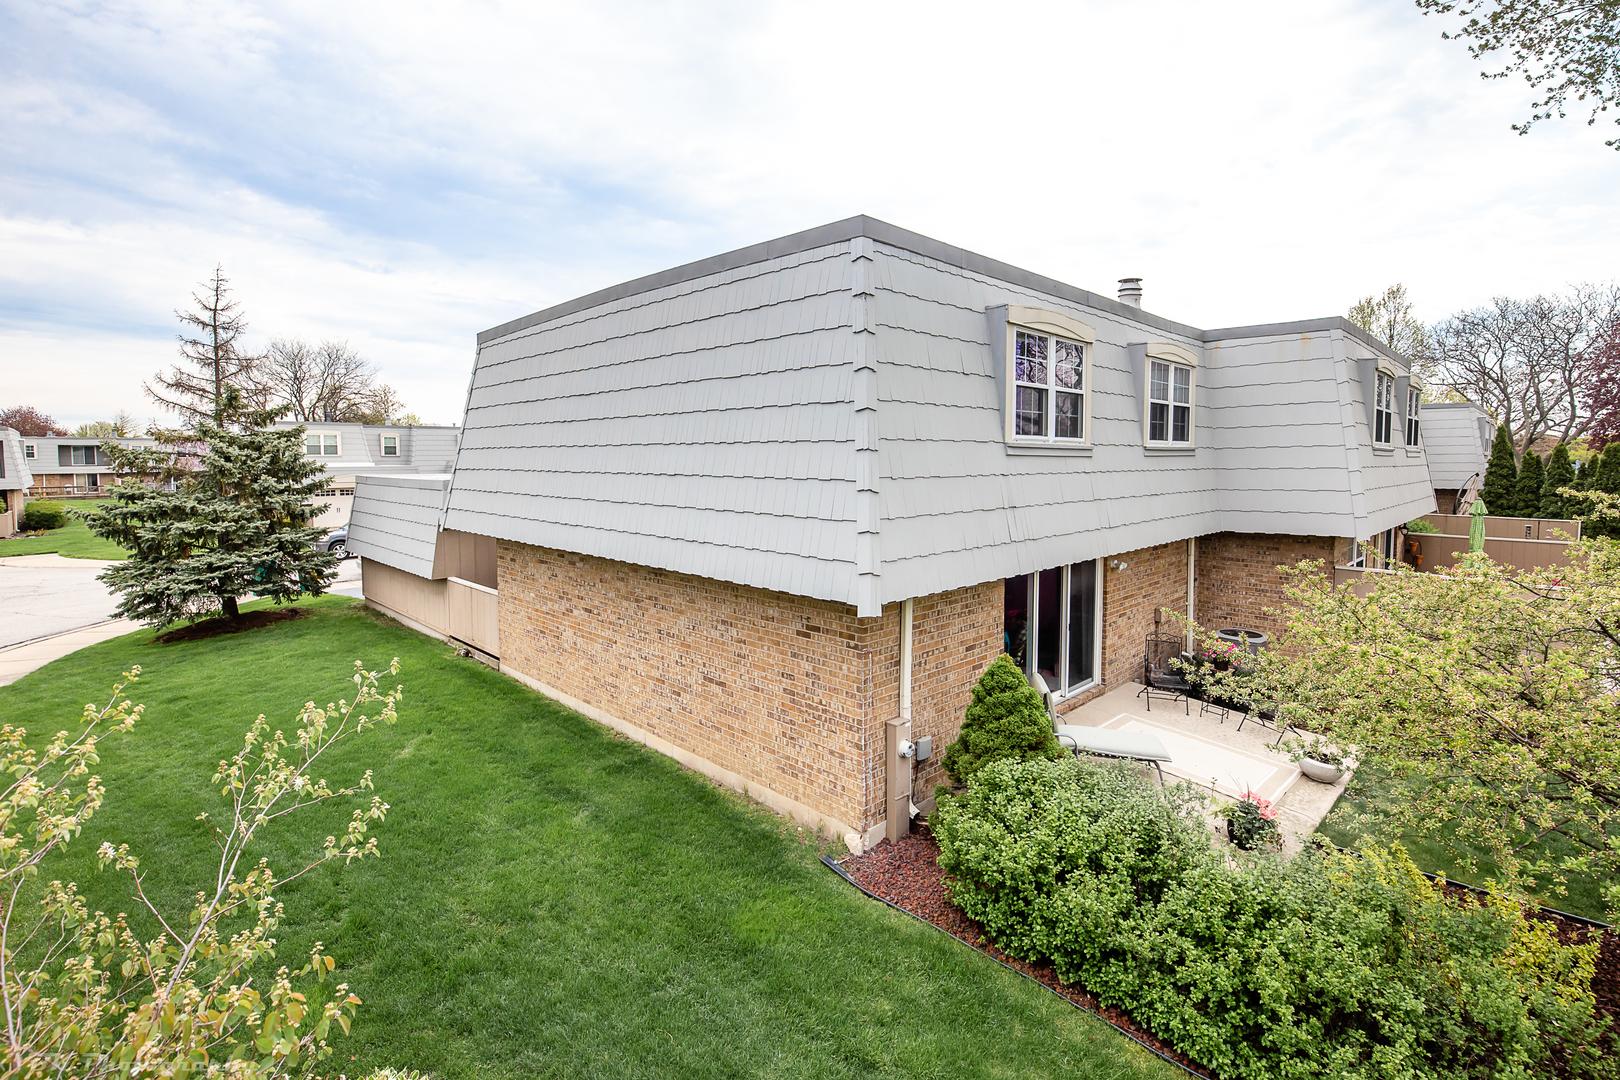 705 BORDEAUX F, ELK GROVE VILLAGE, Illinois, 60007